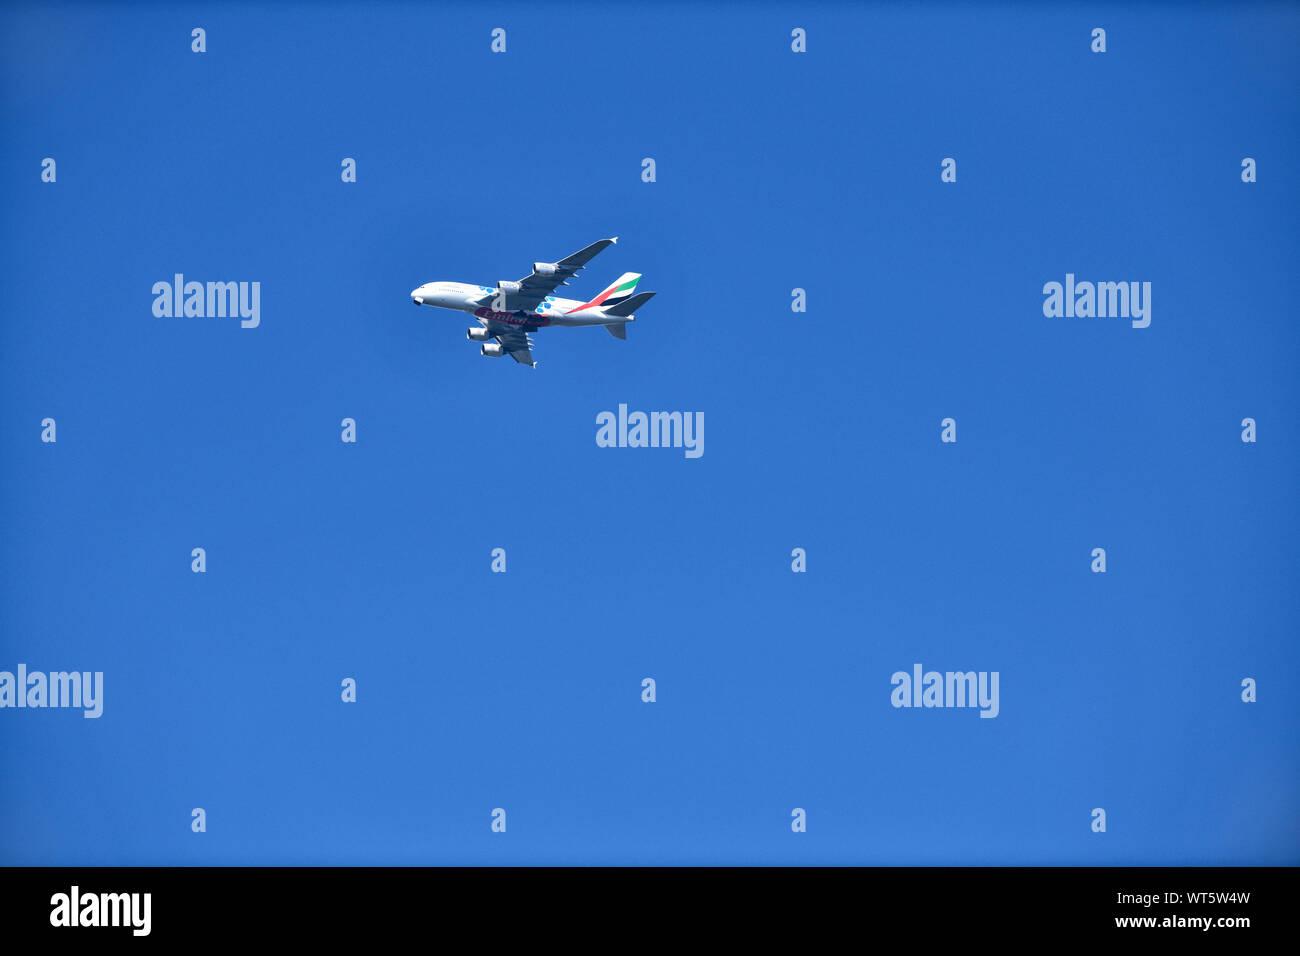 Ein Airbus A380 der Fluggesellschaft Emirates im Landeanflug auf den Düsseldorfer Flughafen. Stock Photo